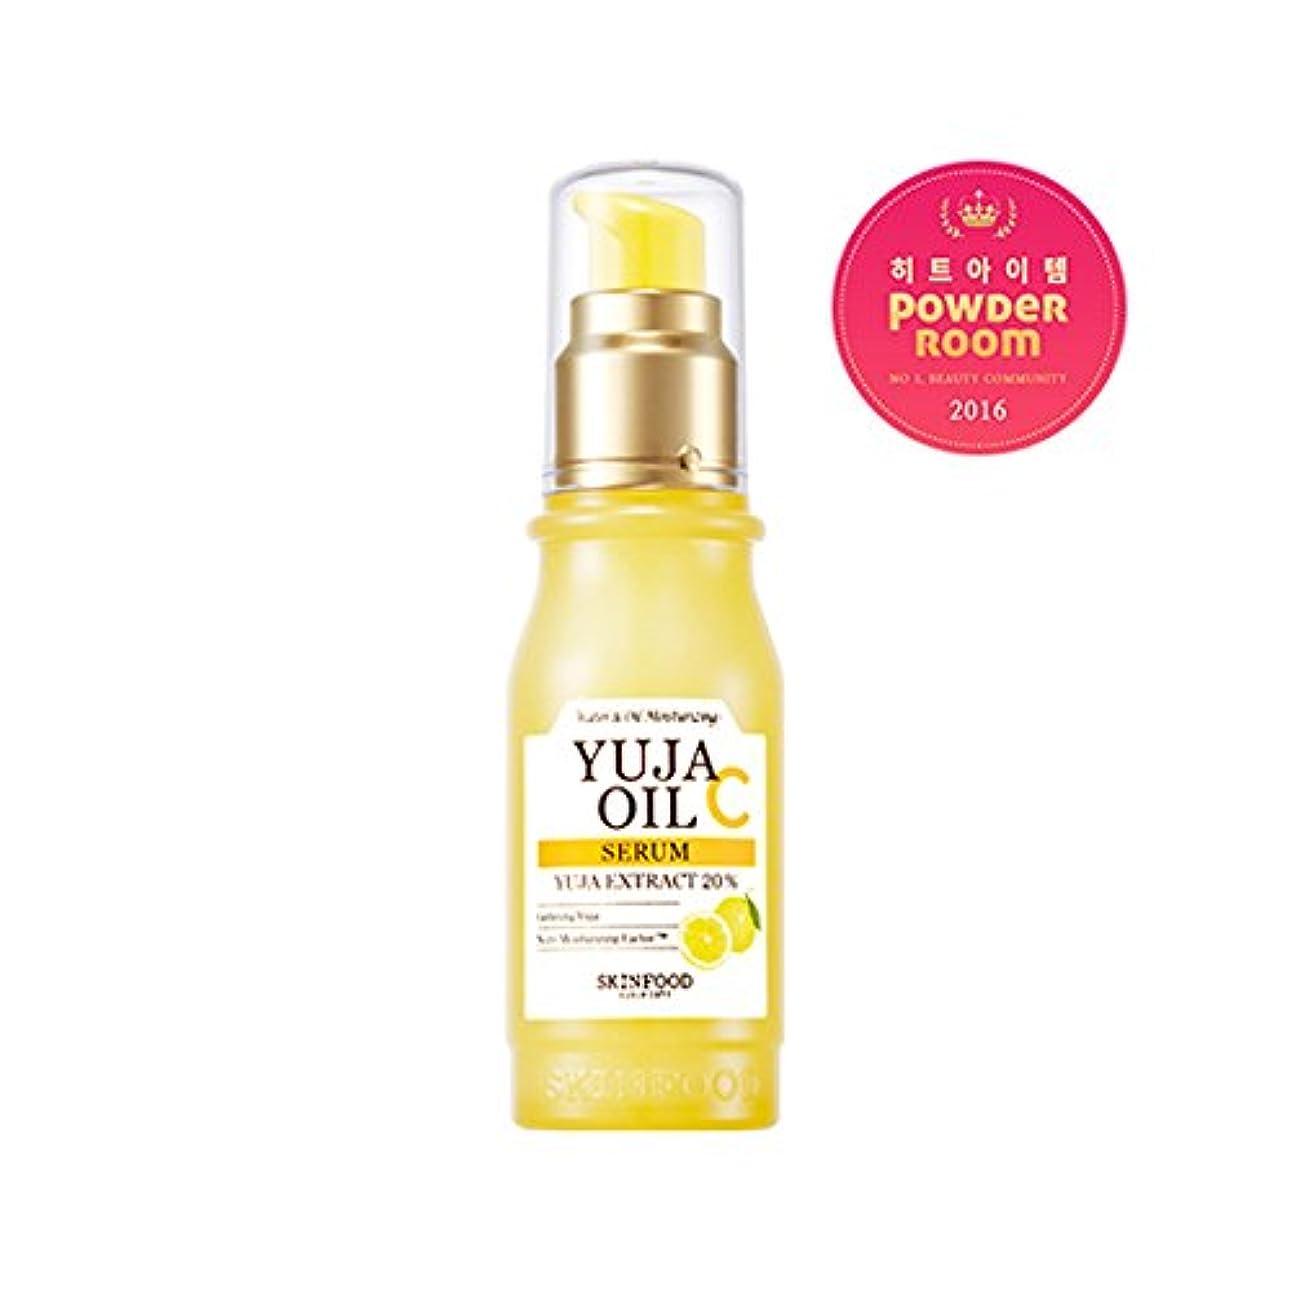 二十悪質な電子レンジ[New] SKINFOOD Yuja Oil C Serum 50ml/スキンフード 柚子 オイル C セラム 50ml [並行輸入品]